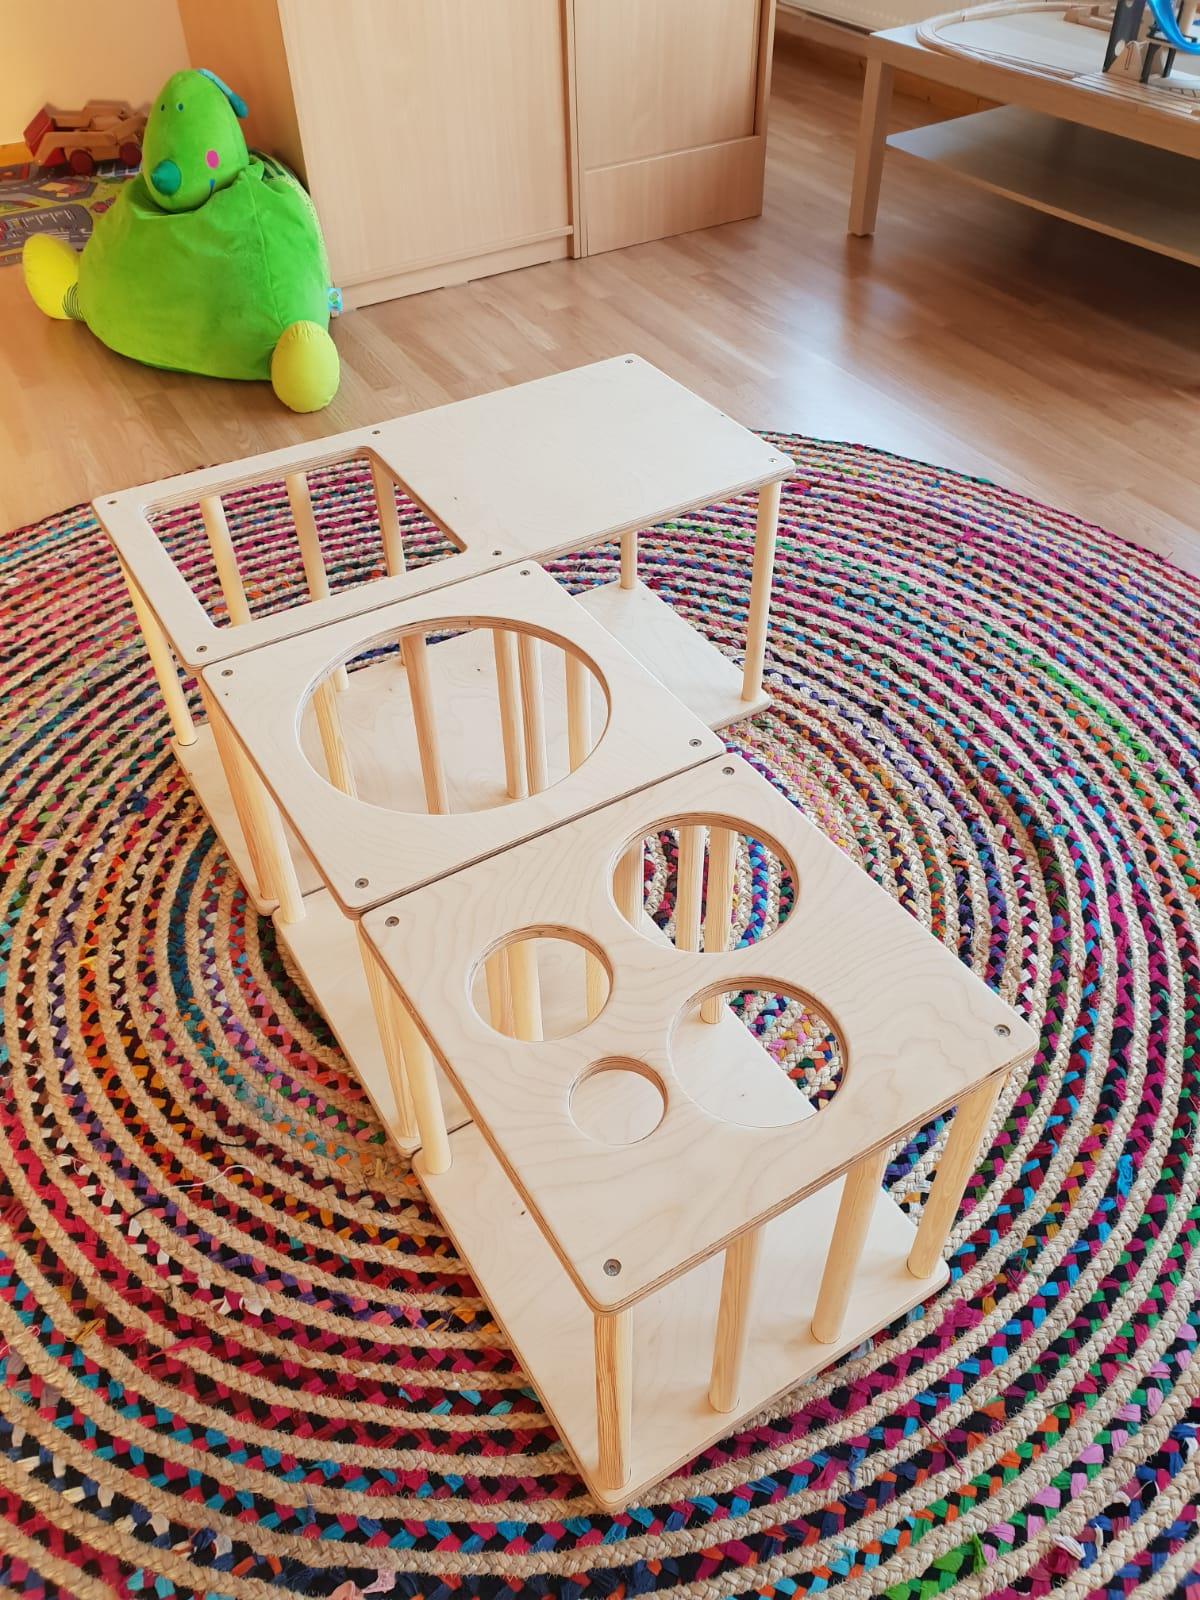 Bild von einem Pikler-Labyrinth aus Holz